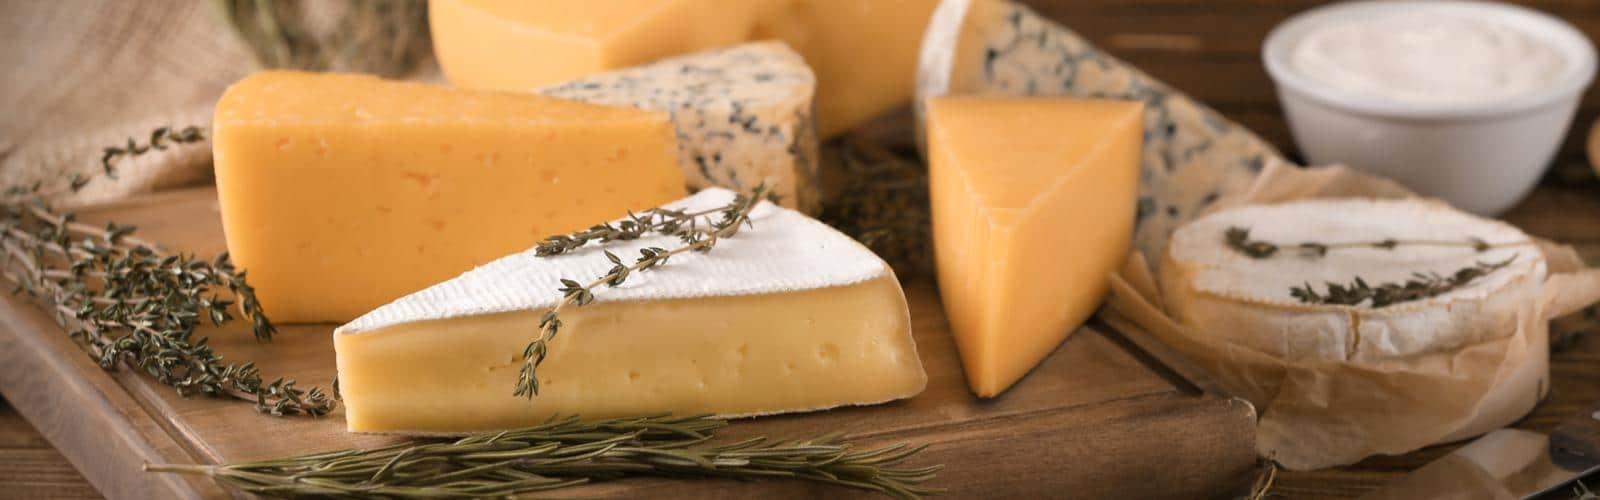 Il mistero della Cheese Weed: perché alcune varietà di marijuana odorano di formaggio